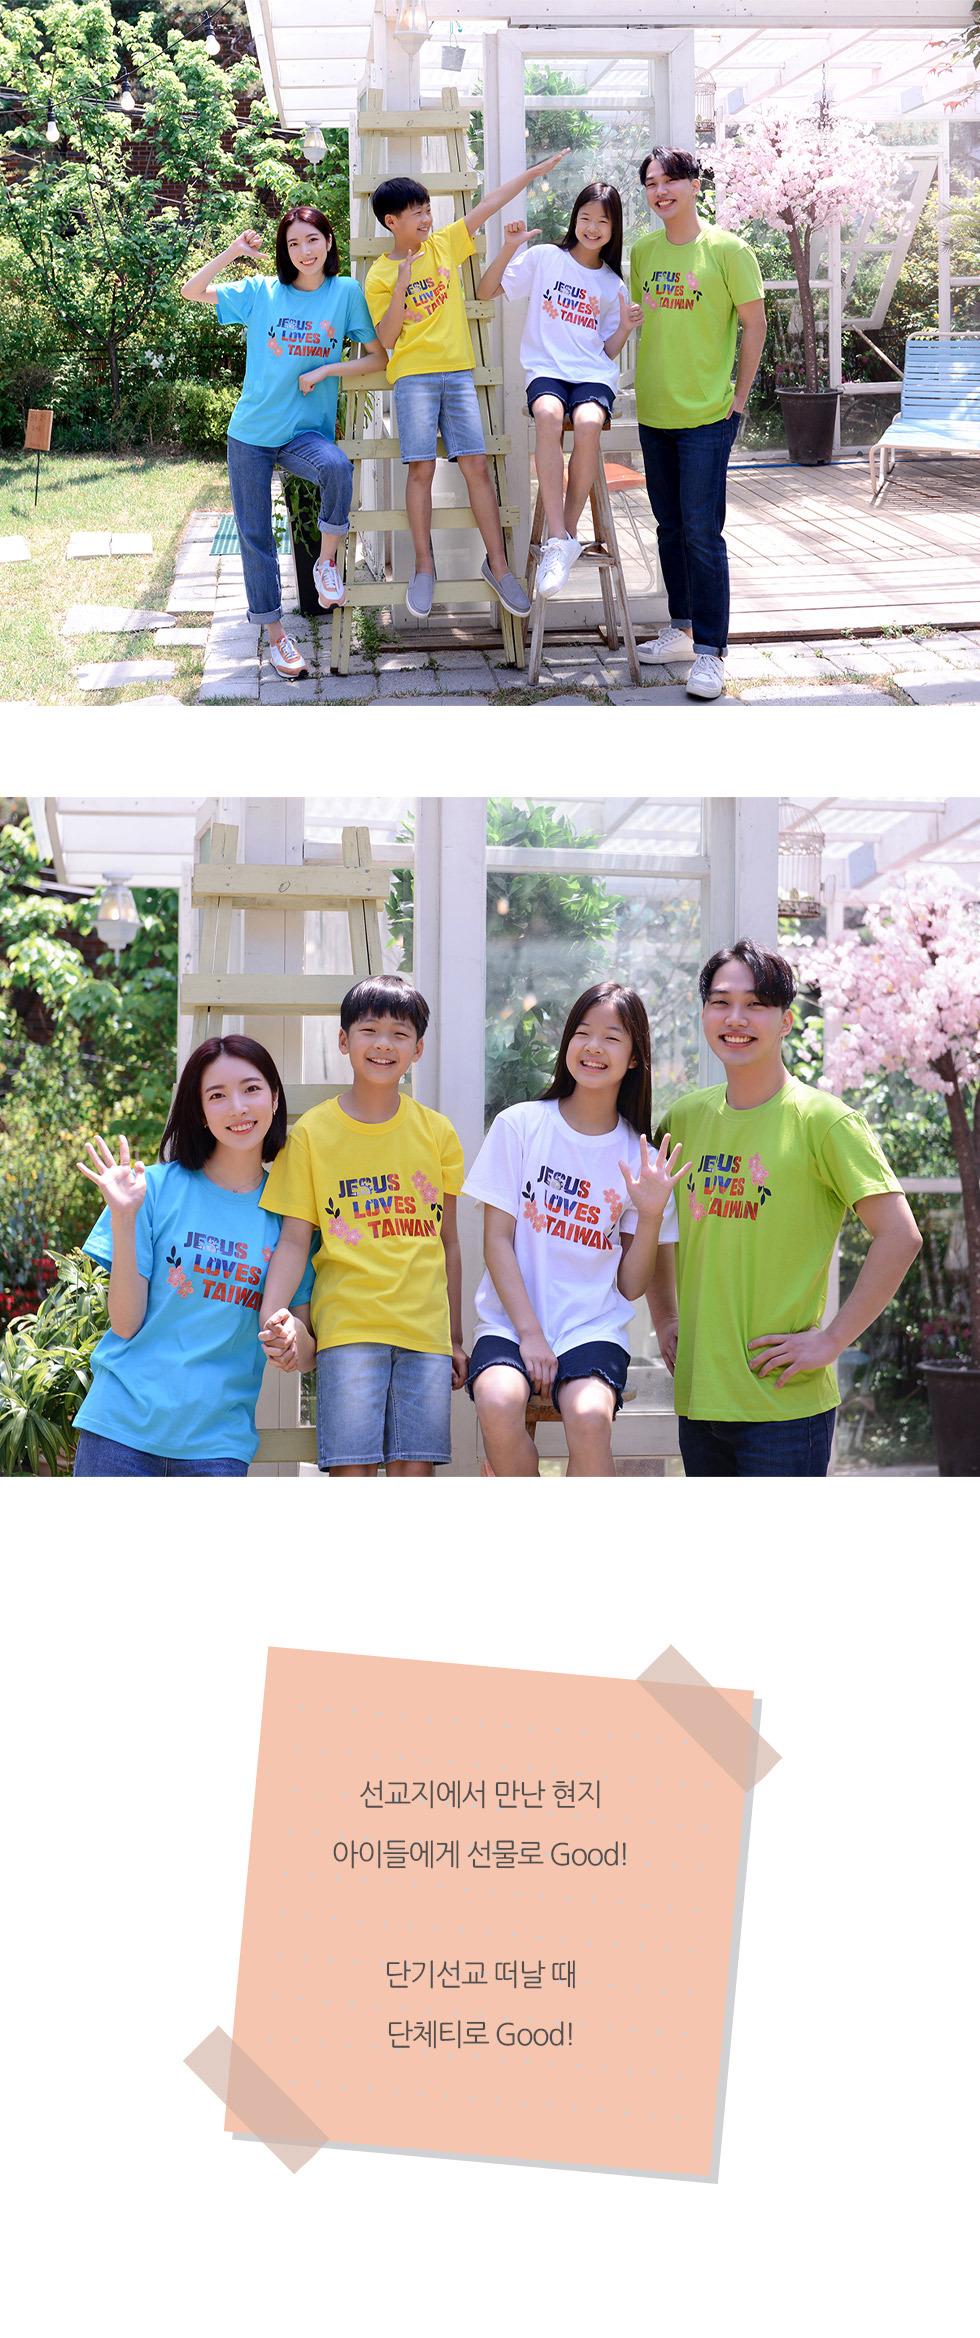 교회 단체티셔츠 타이완 선교티 (Jesus loves Taiwan) - 미션트립 단체티셔츠 아동티셔츠(대만선교)